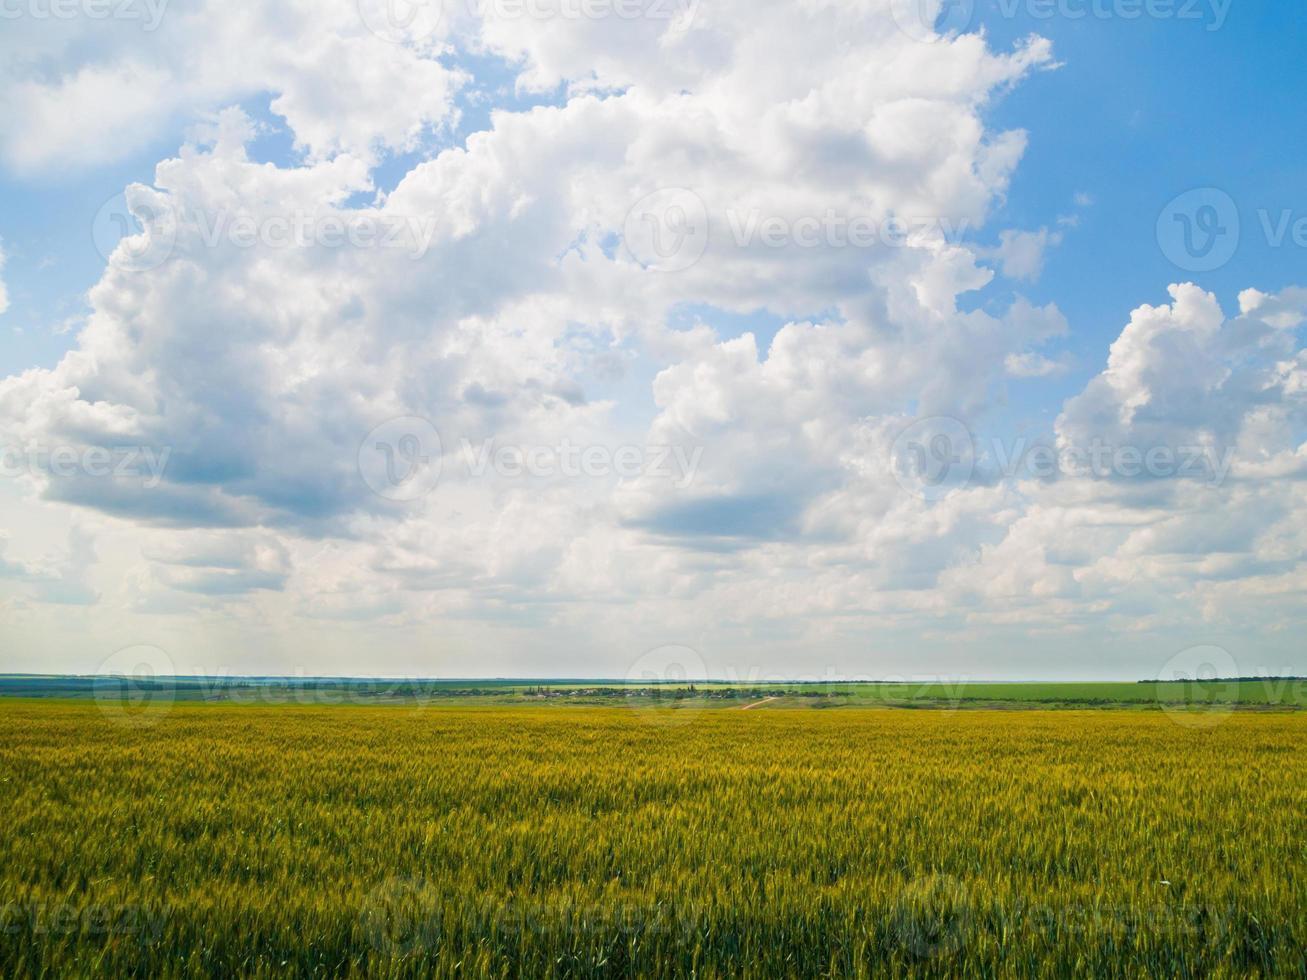 Champ de blé non mûr avec ciel nuageux profond photo